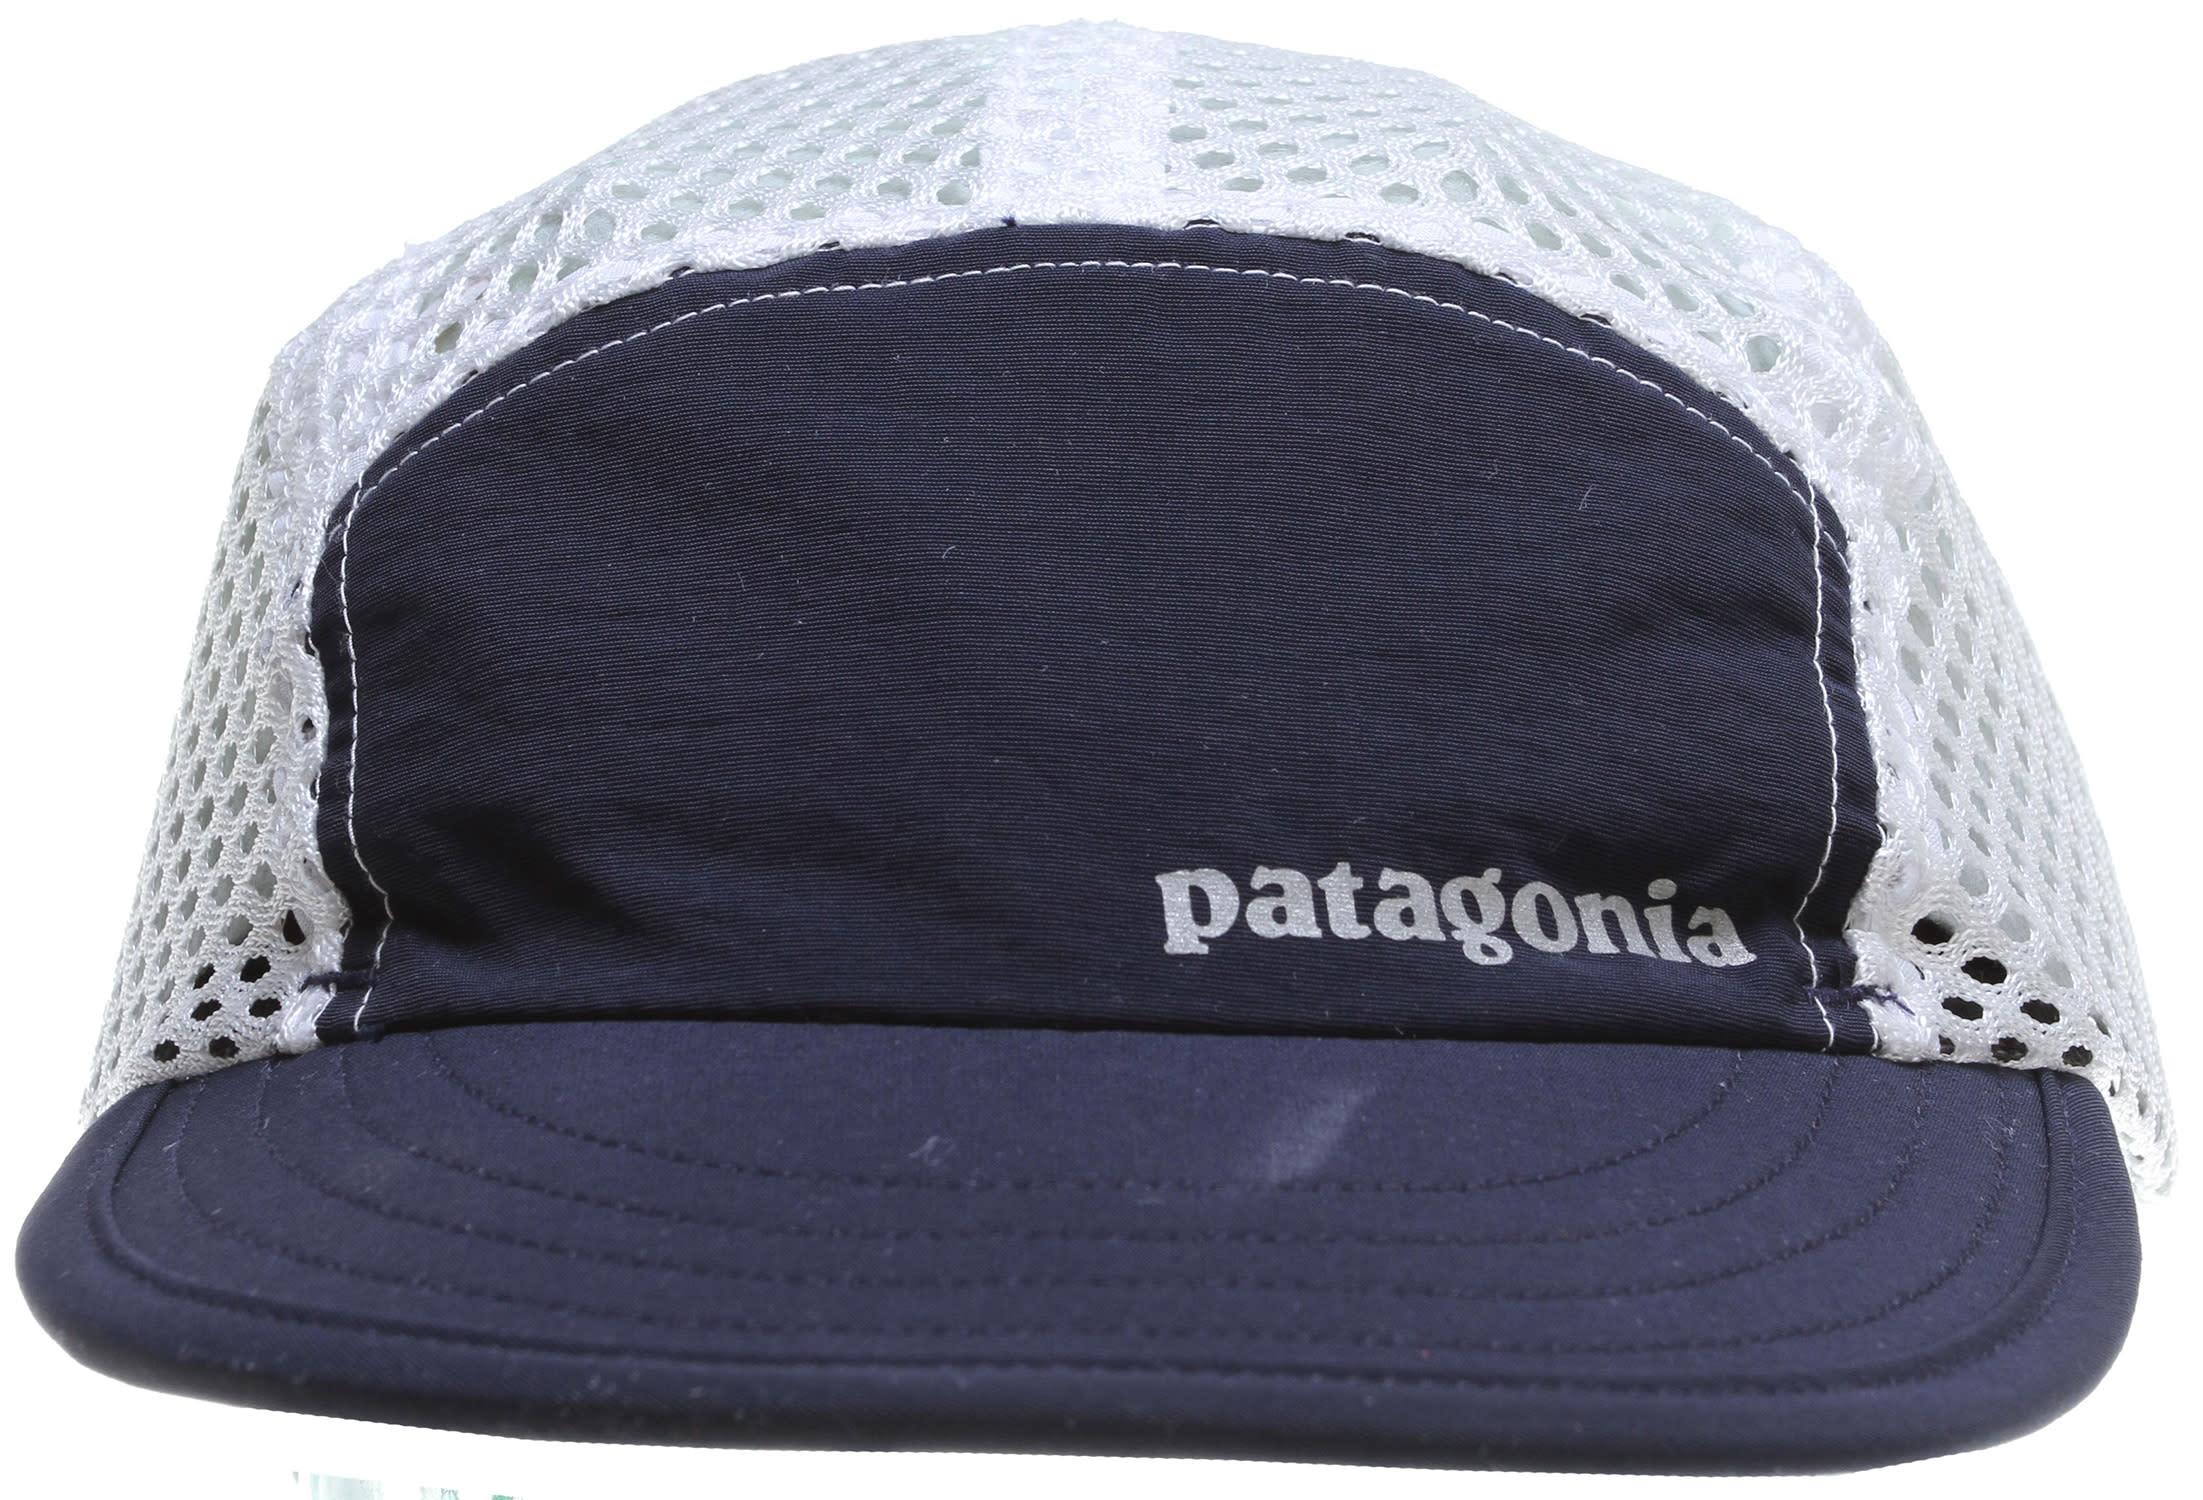 eadfefa25546e Patagonia Duckbill Cap - thumbnail 1